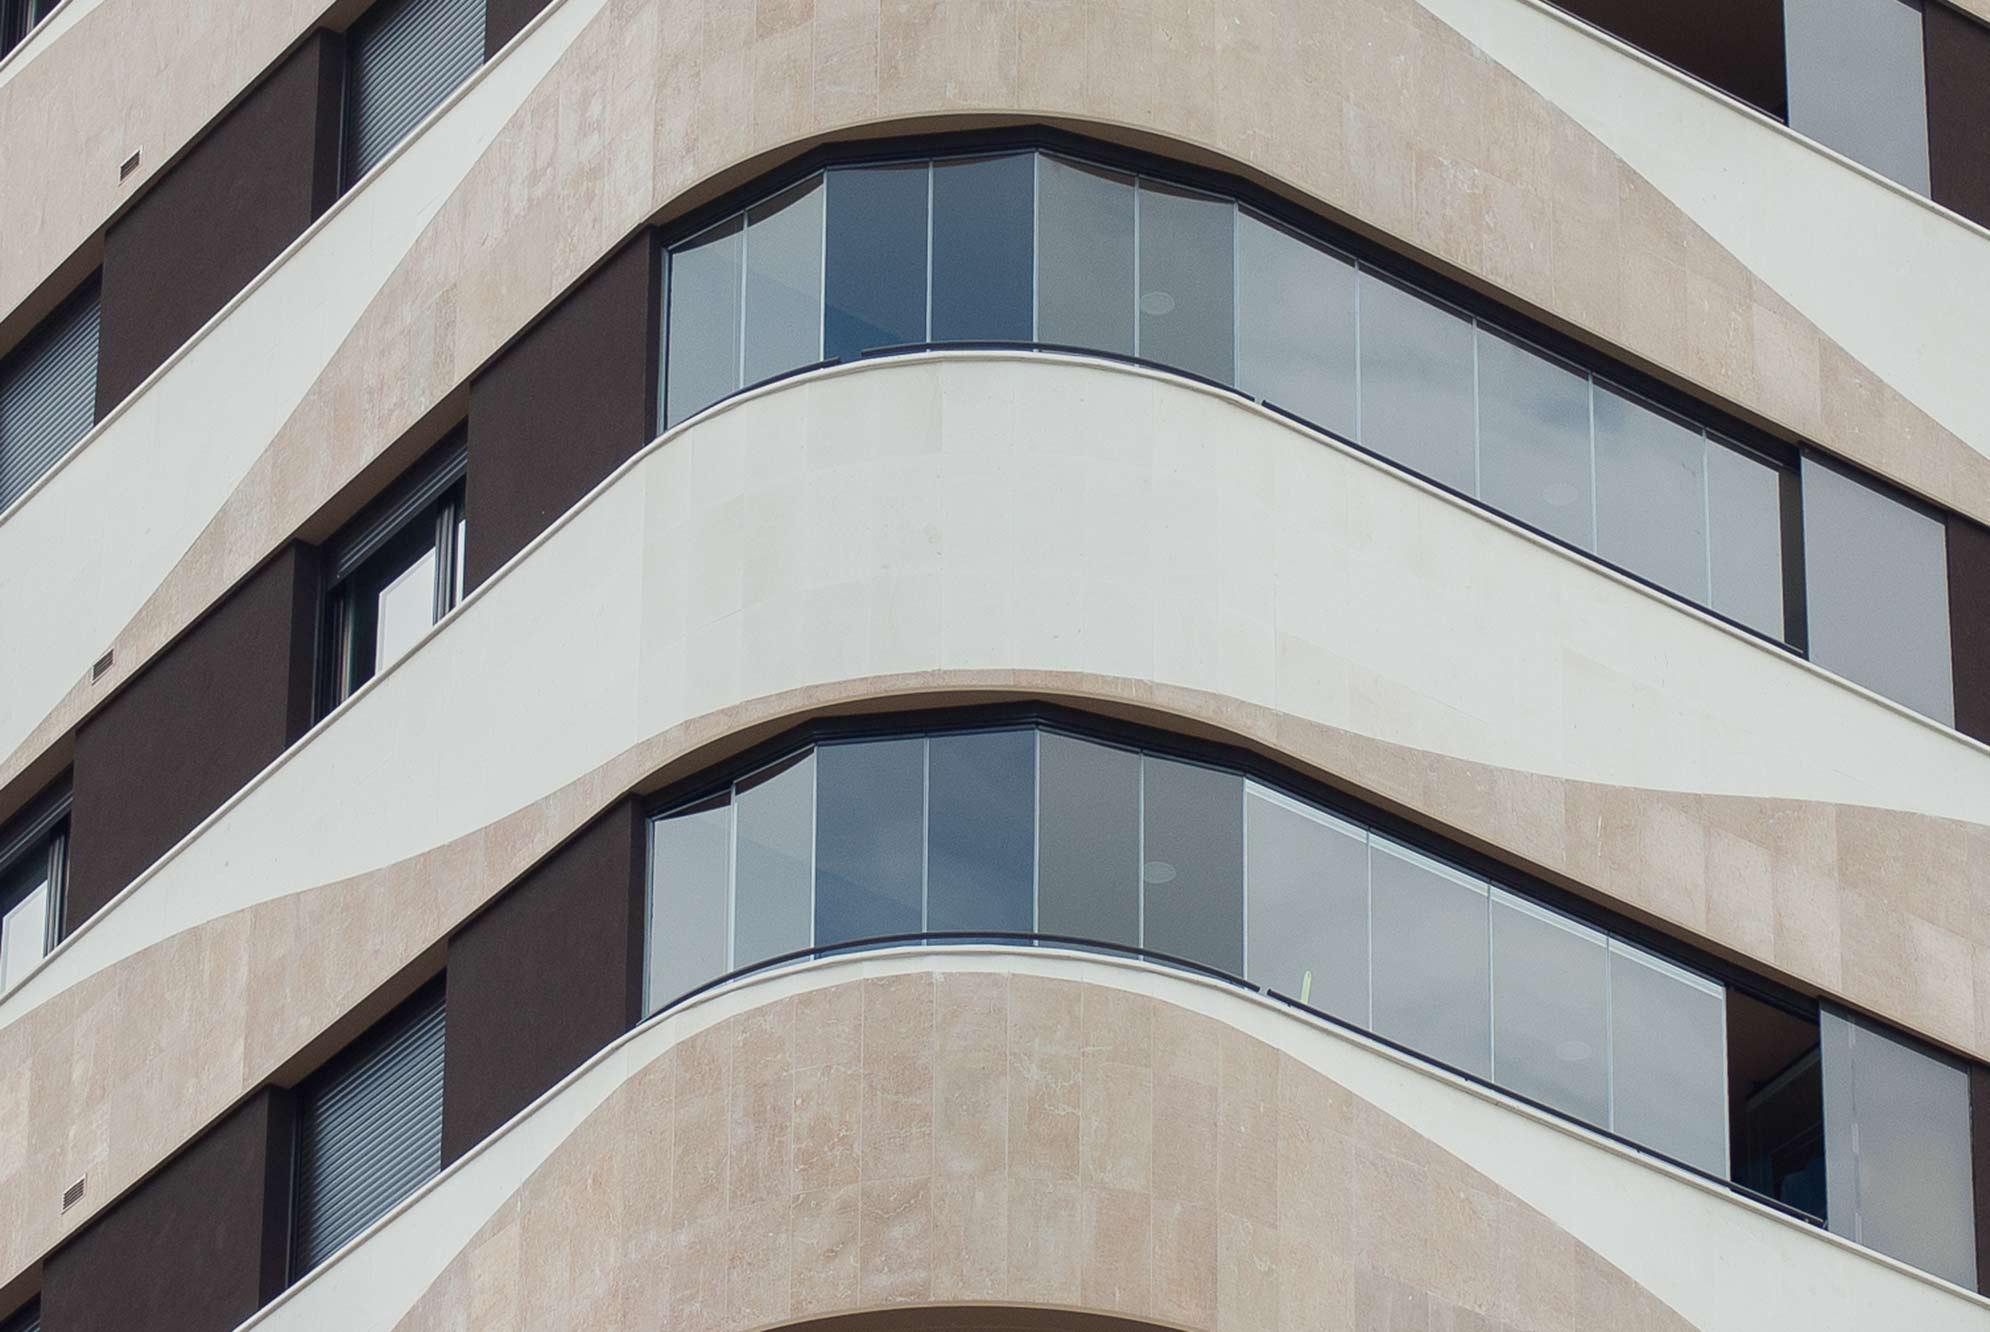 edificios-acristalados-lumon-1